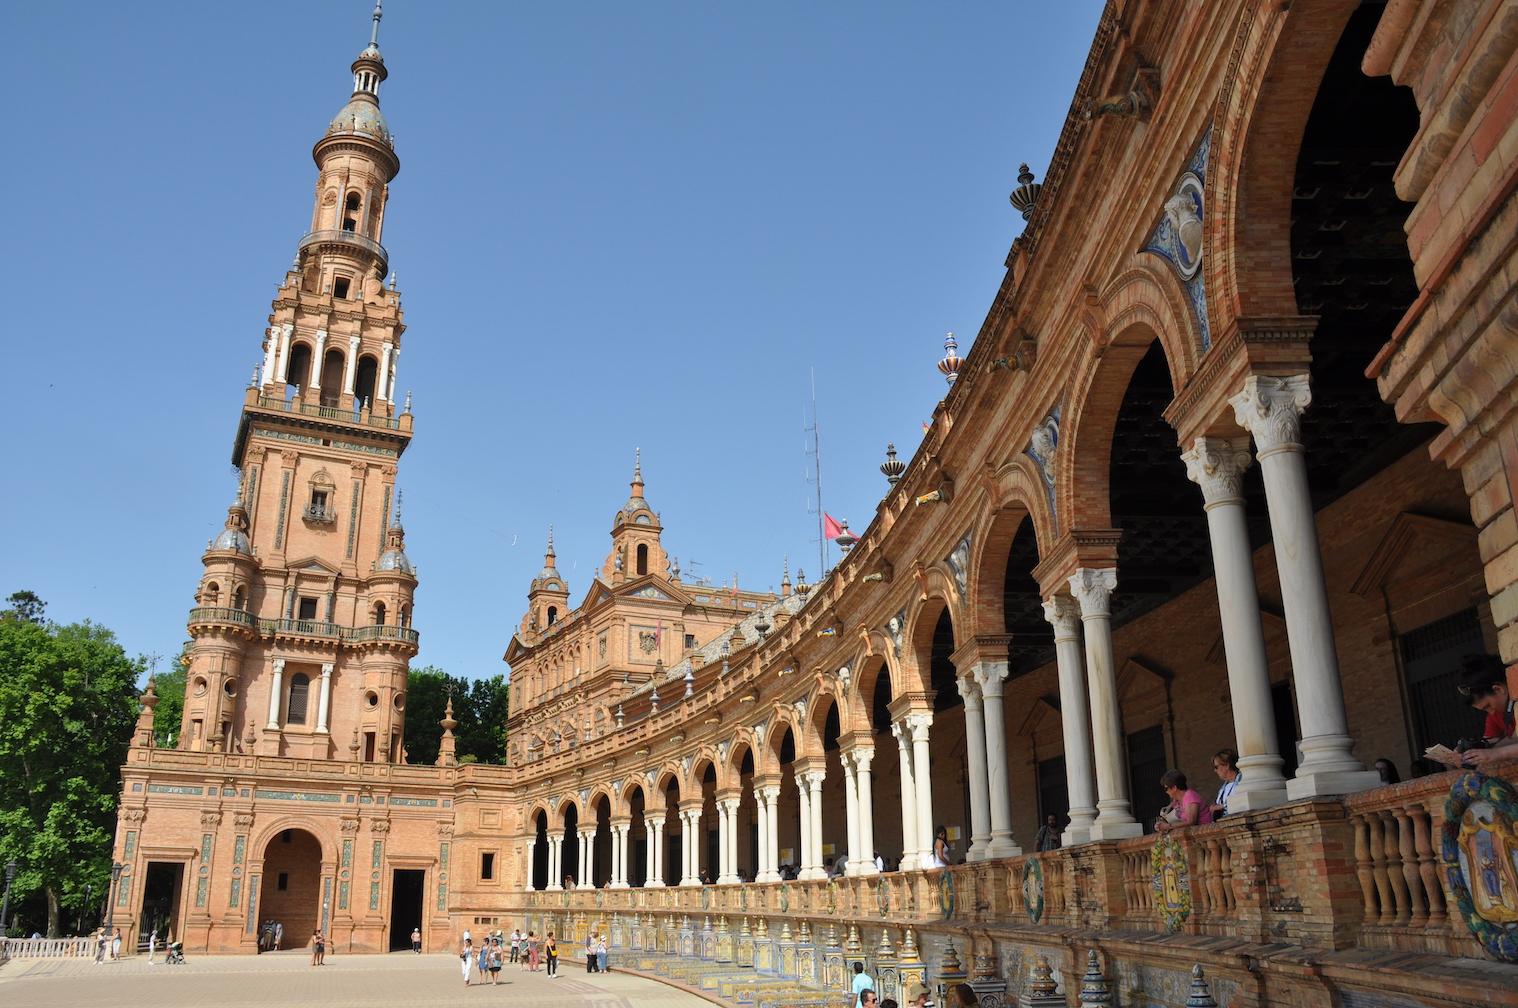 Plaza de Espana Seville Spain Al Andalus - 1